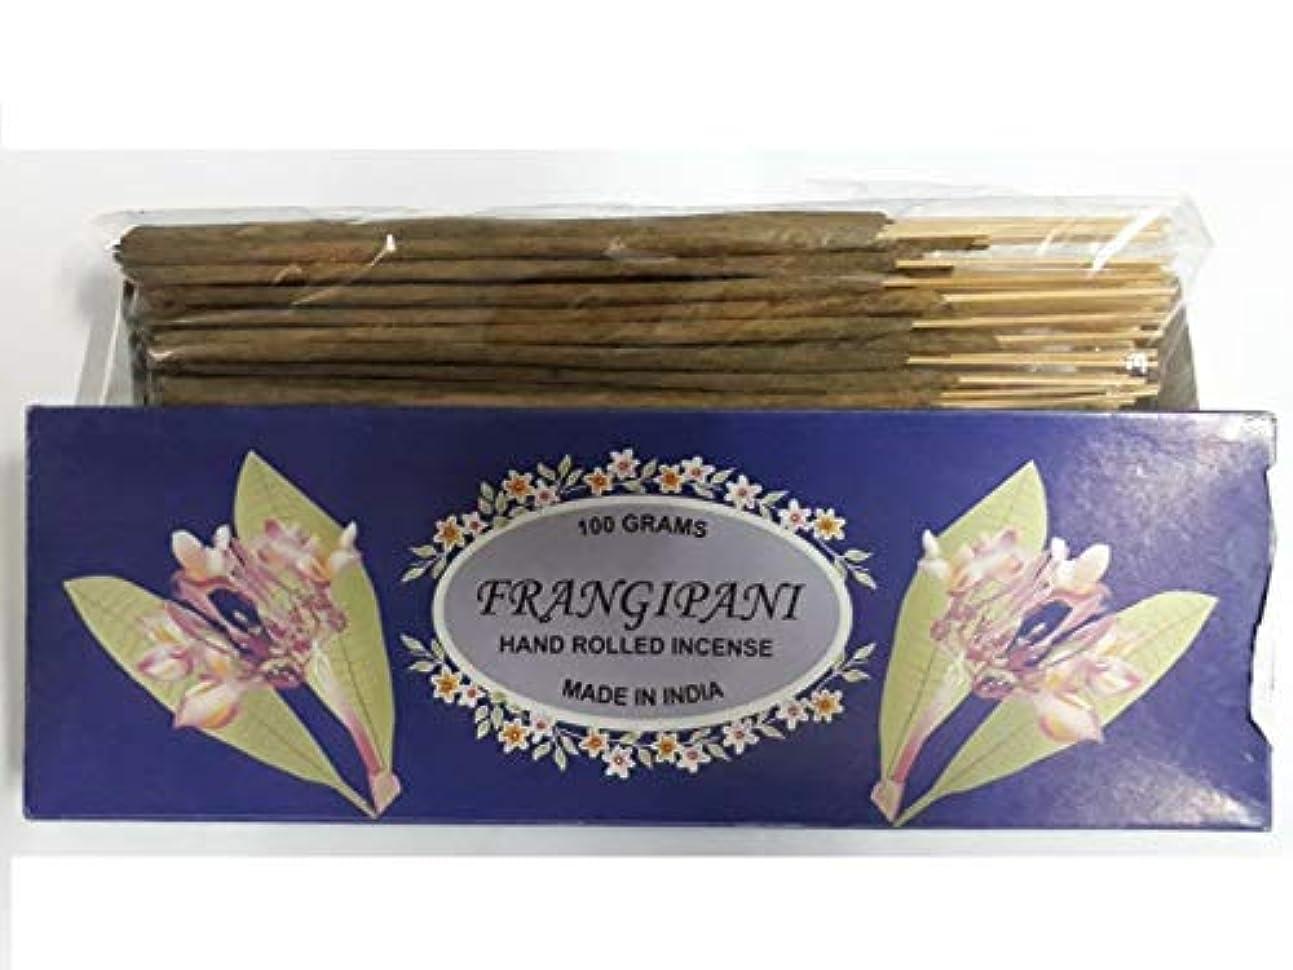 準備ポゴスティックジャンプ最愛のFrangipani フランジパニ Agarbatti Incense Sticks 線香 100 grams Hand Rolled Incense